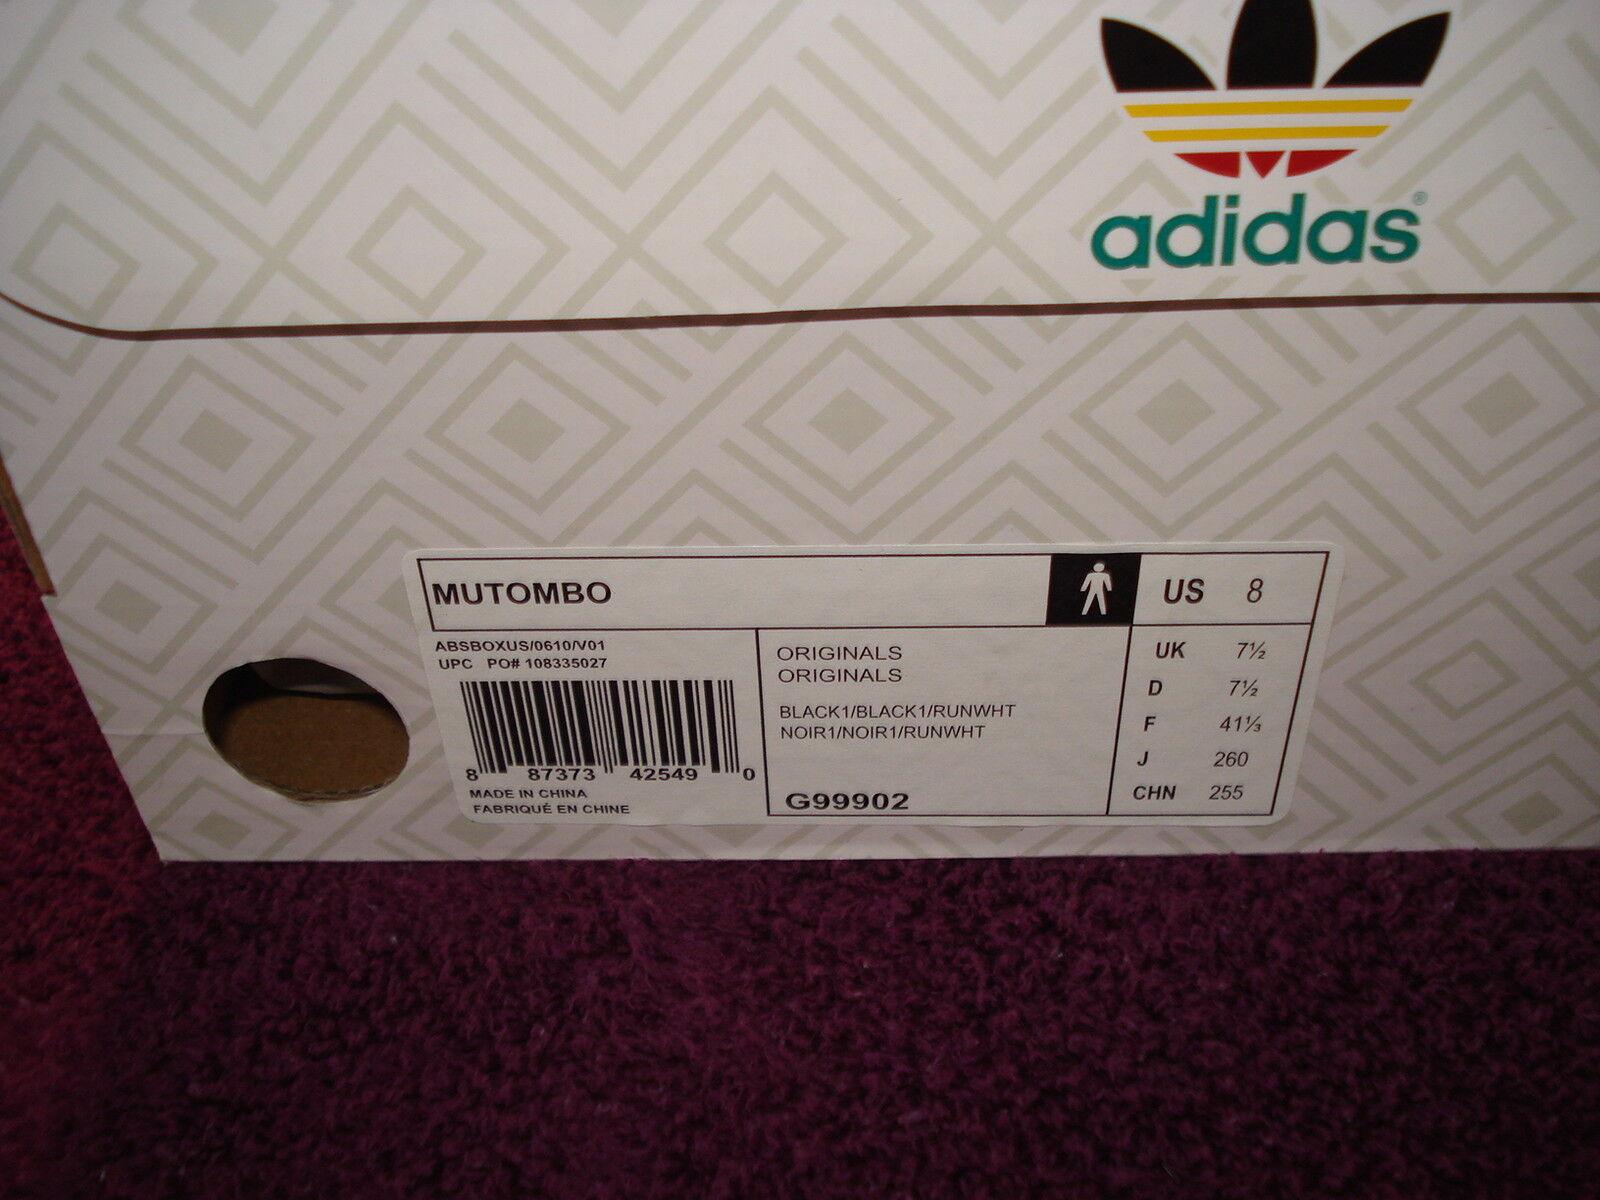 check out 6ebb5 ba56a Uomo adidas originale mutumbo dikembe 55 retr g99902 8 8 8 miglior prezzo  su ebay 69ac28